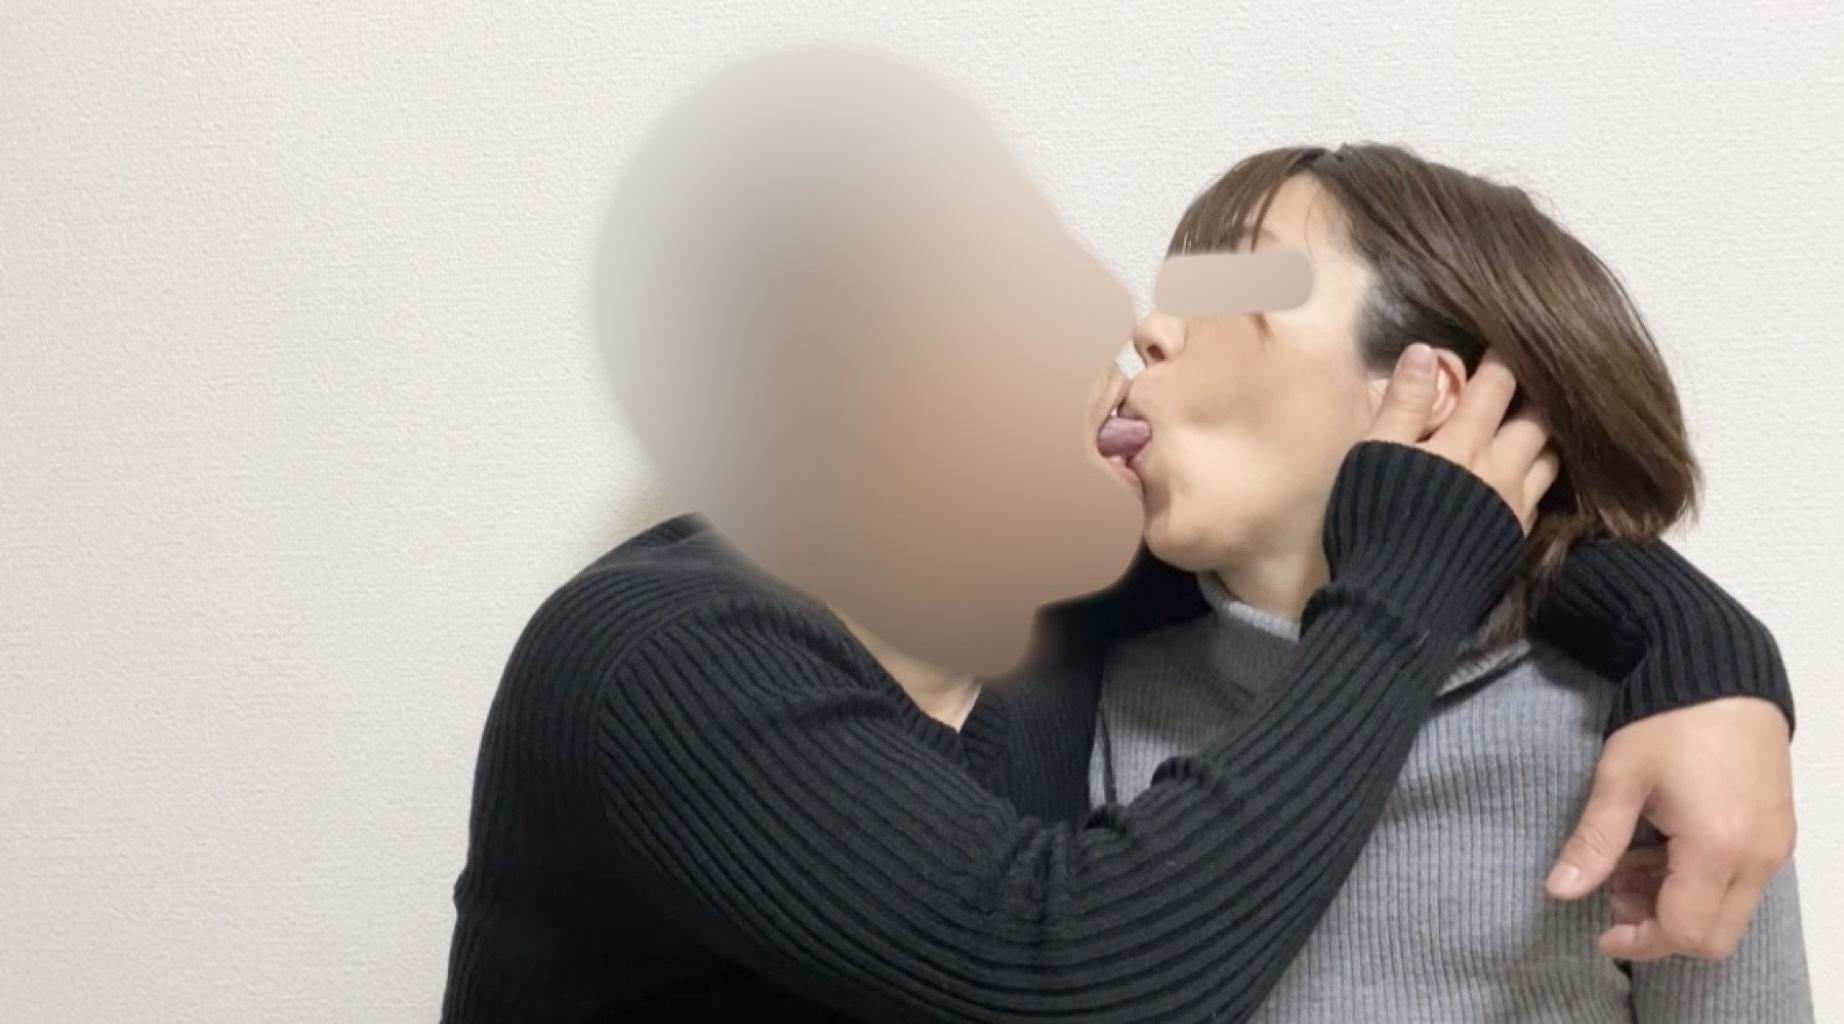 【個人撮影】30歳の妻と私  -友人と妻からの送りモノ-  第二夜【前編】